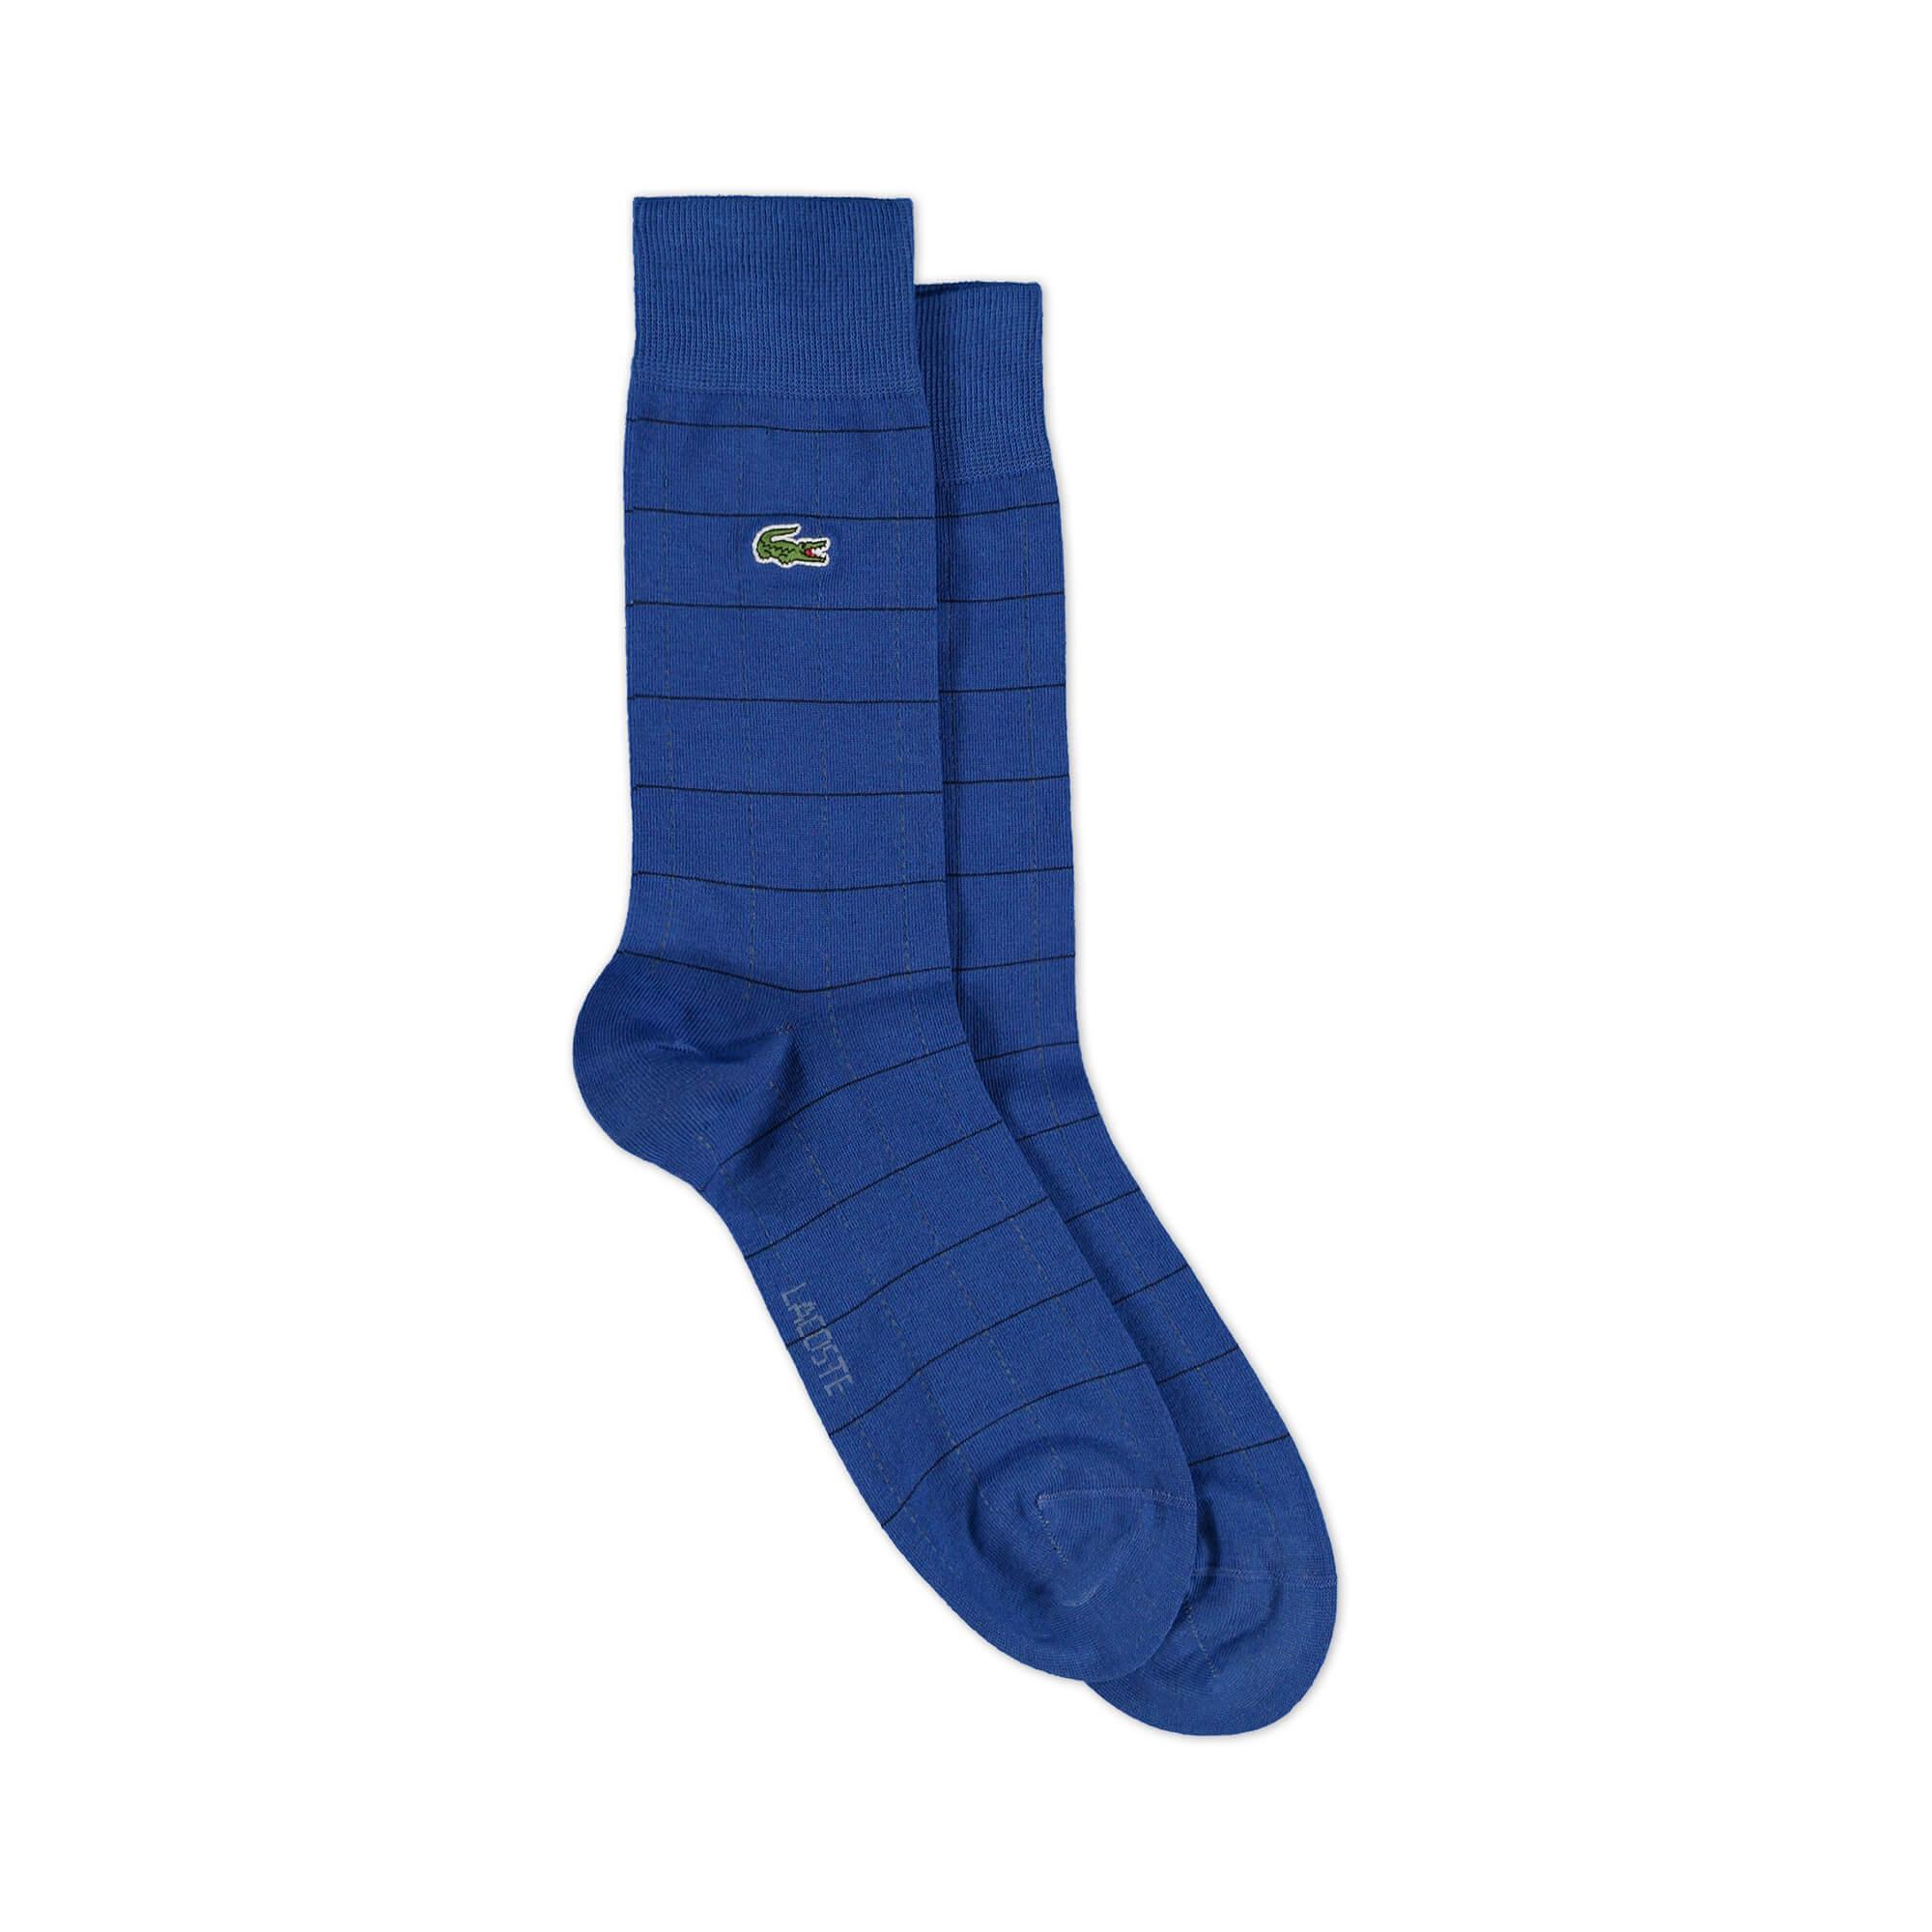 Lacoste Erkek Mavi Çorap